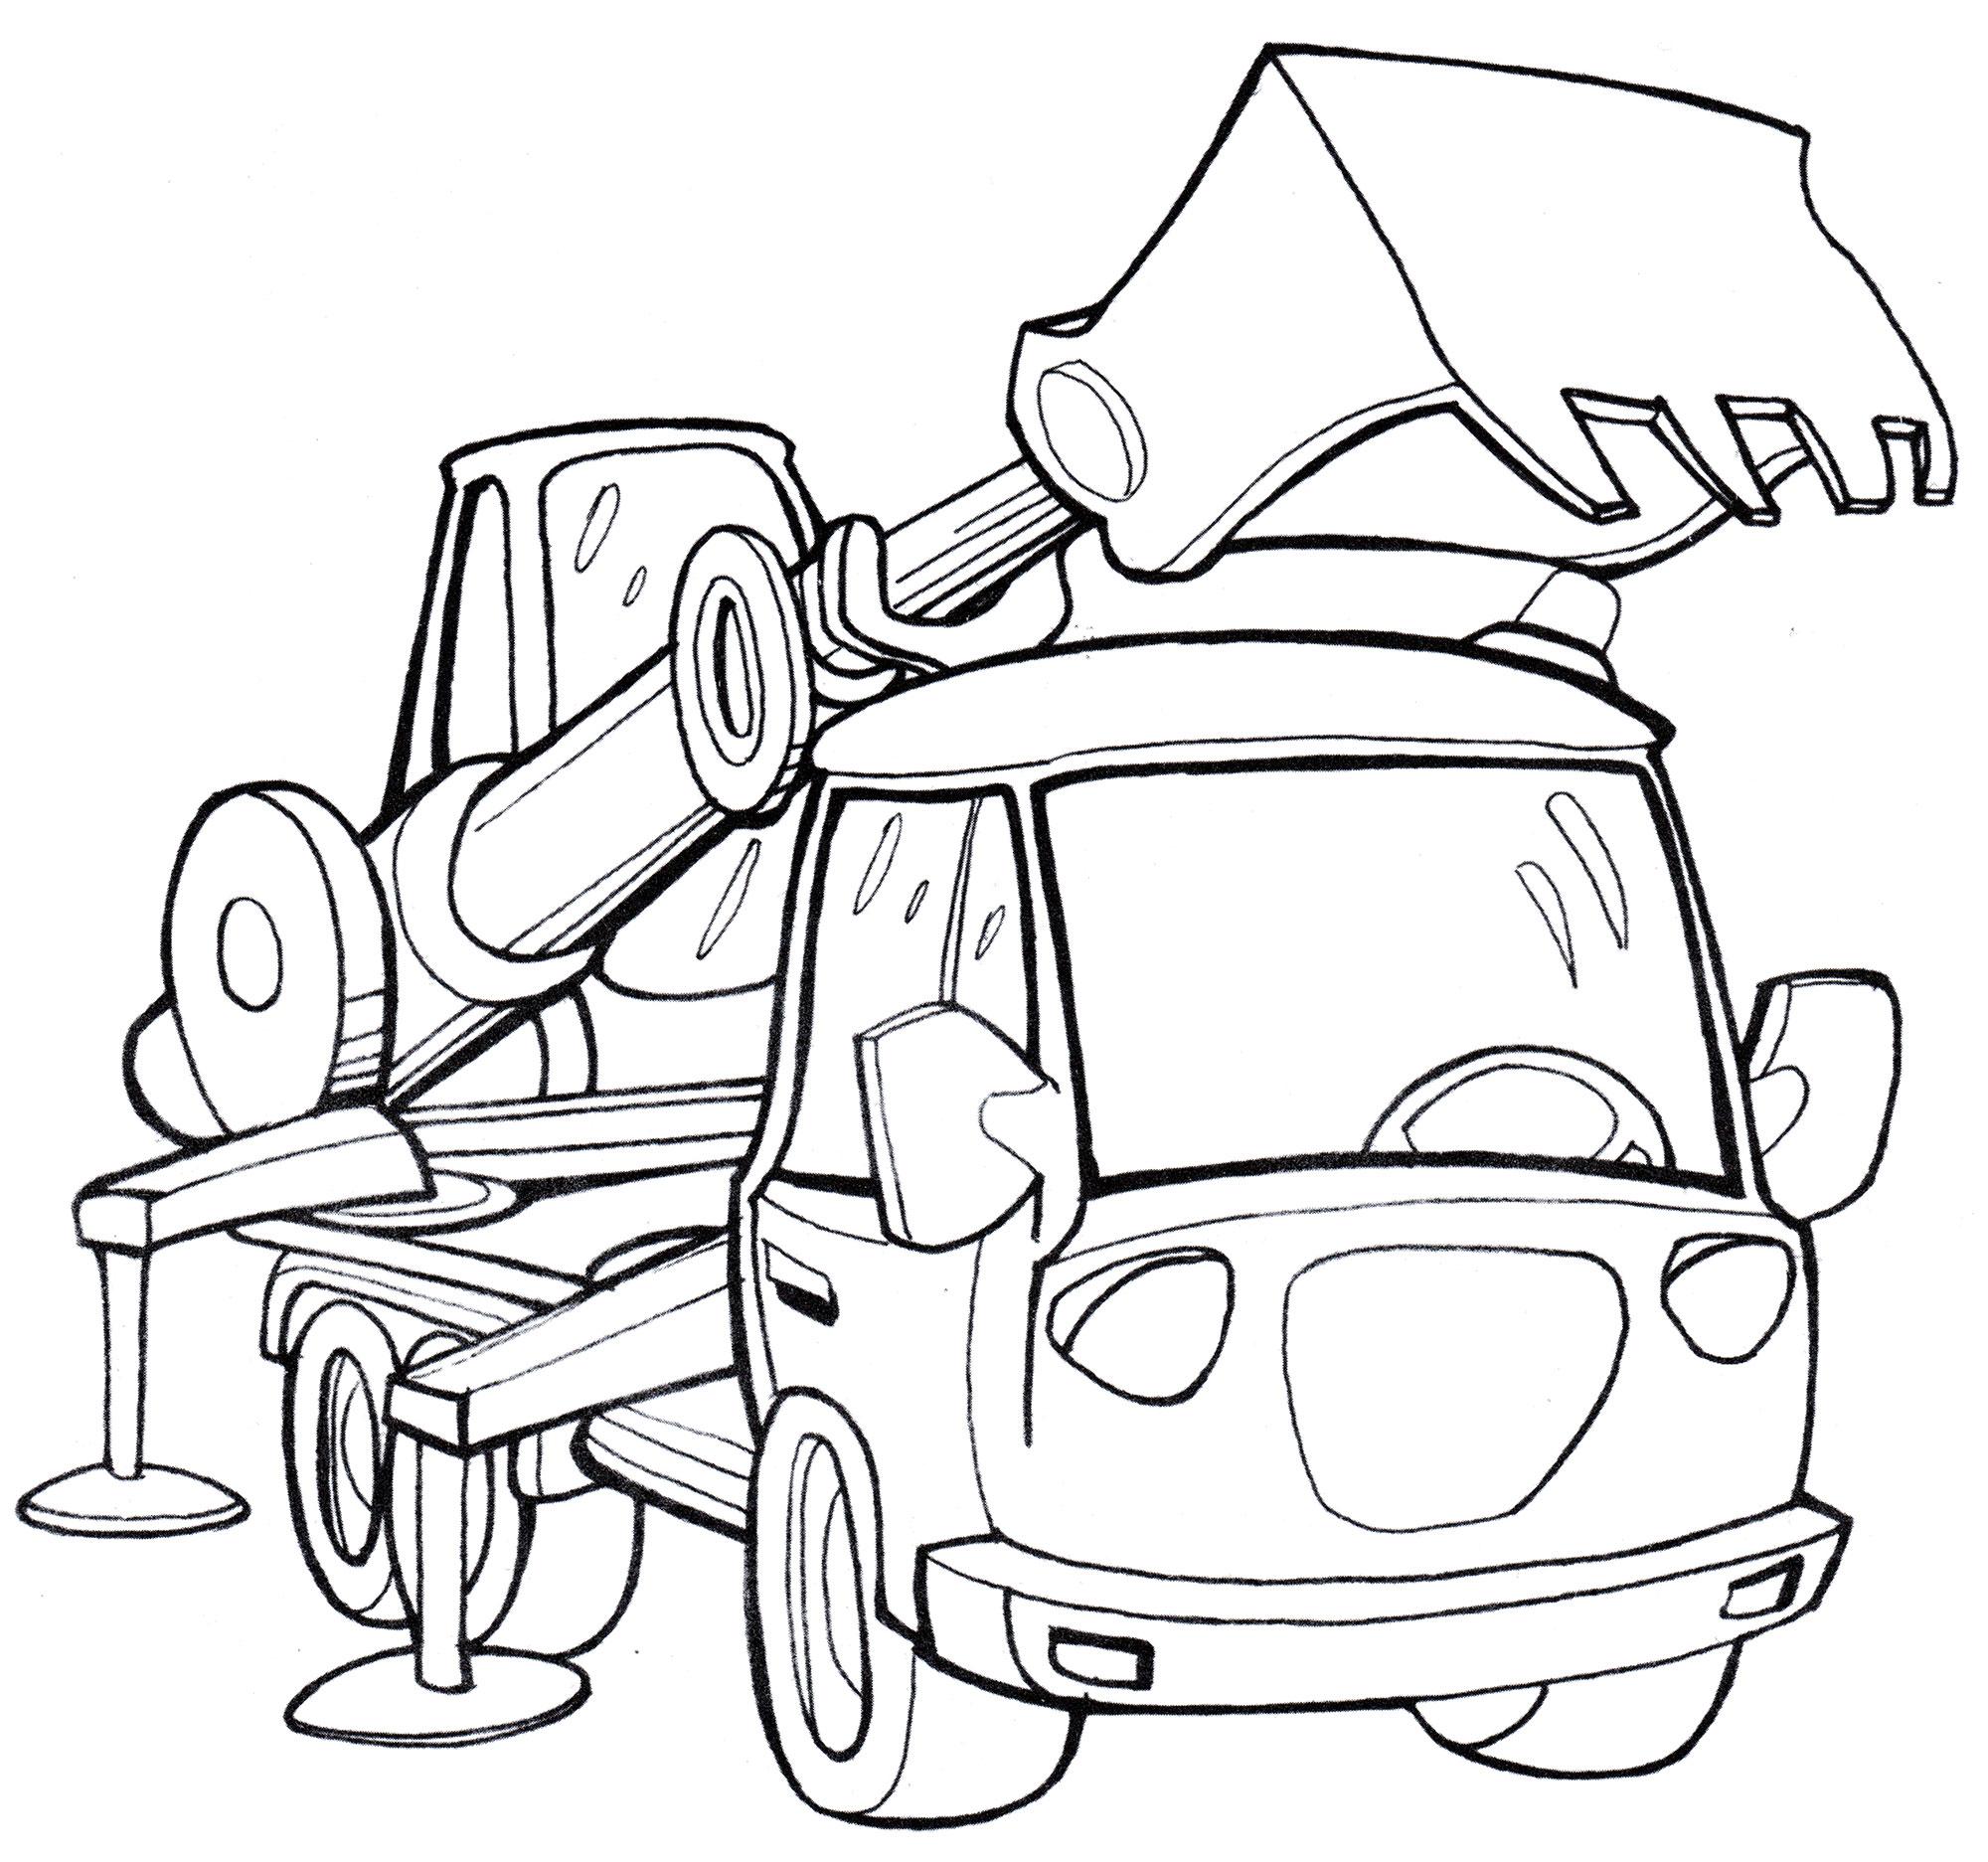 Раскраска Машина-экскаватор - распечатать бесплатно